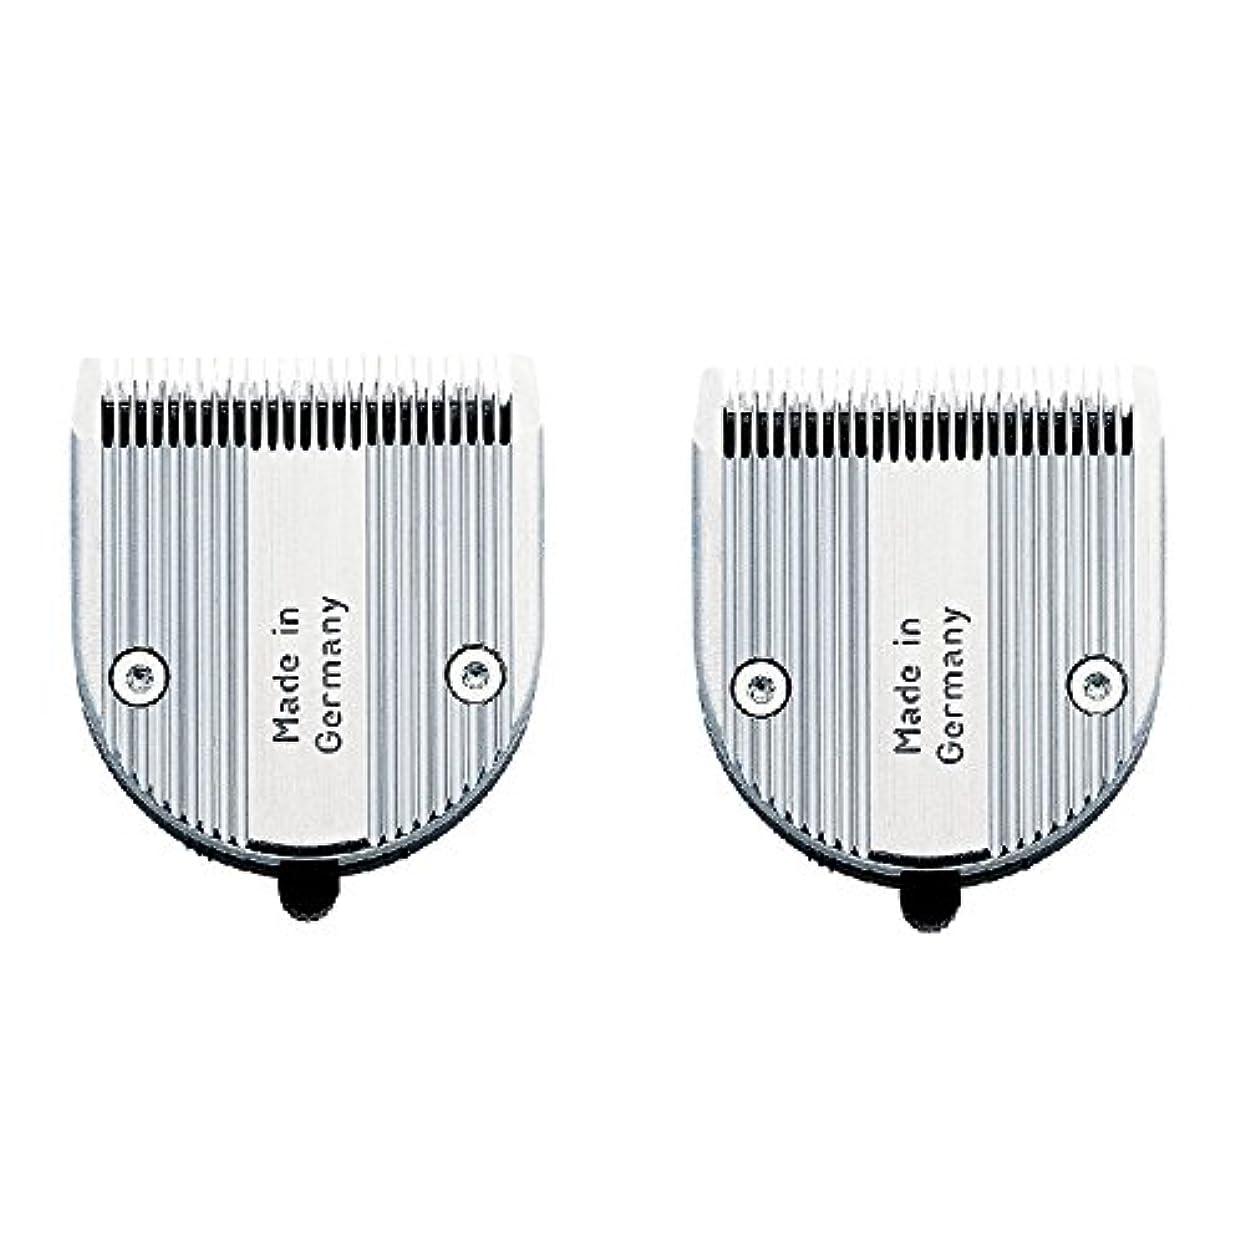 速いパイプ不安定な【2枚セット】 WAHL クロムスタイル?プロ 専用替刃 標準 可変0.6~3mm